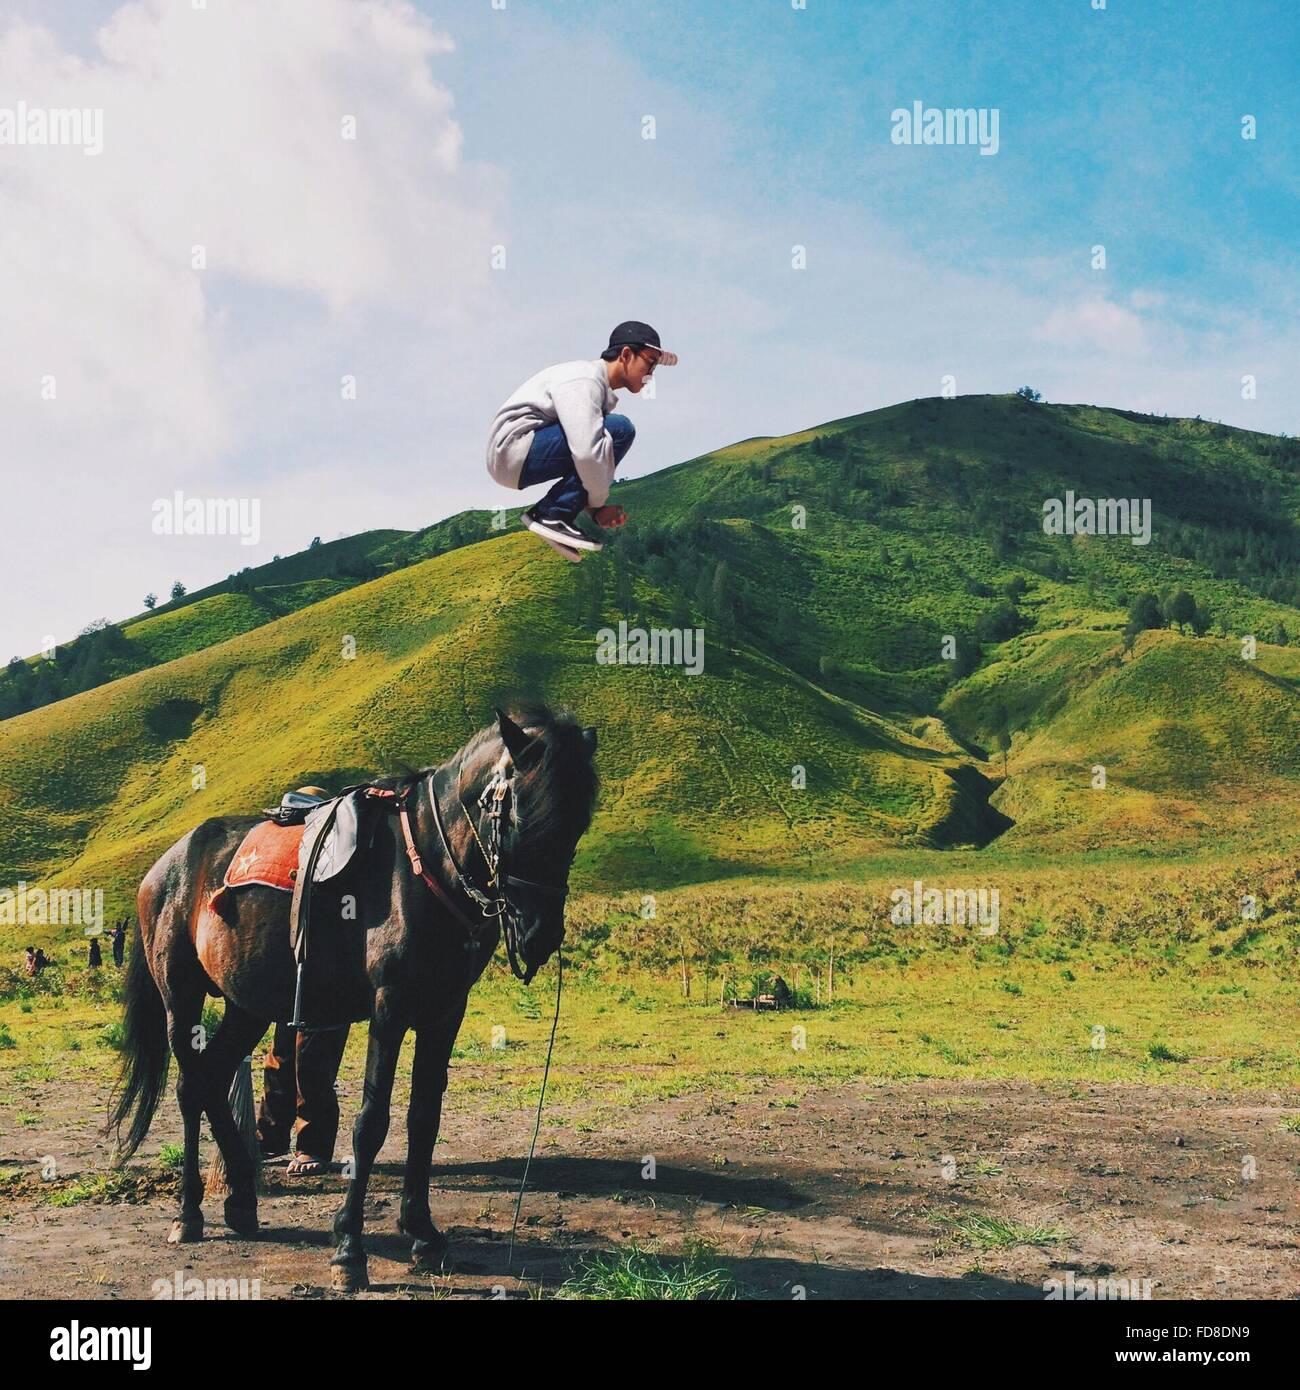 Seitenansicht des Menschen springen In der Luft gegen die grünen Berge Stockbild